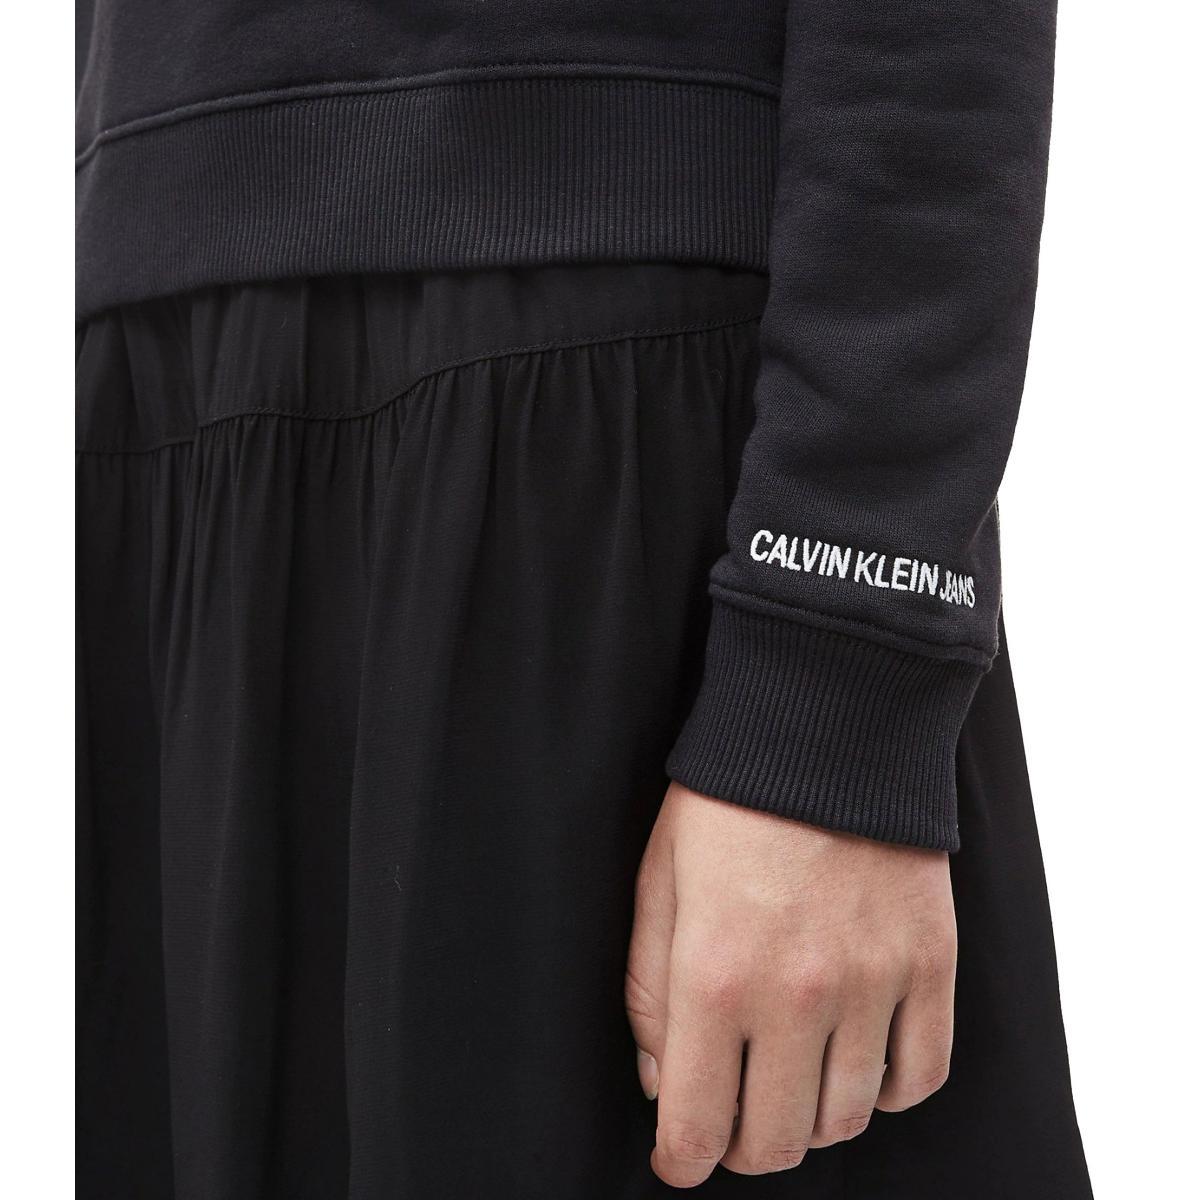 Felpa Calvin Klein Jeans girocollo squadrata da donna rif. J20J211790